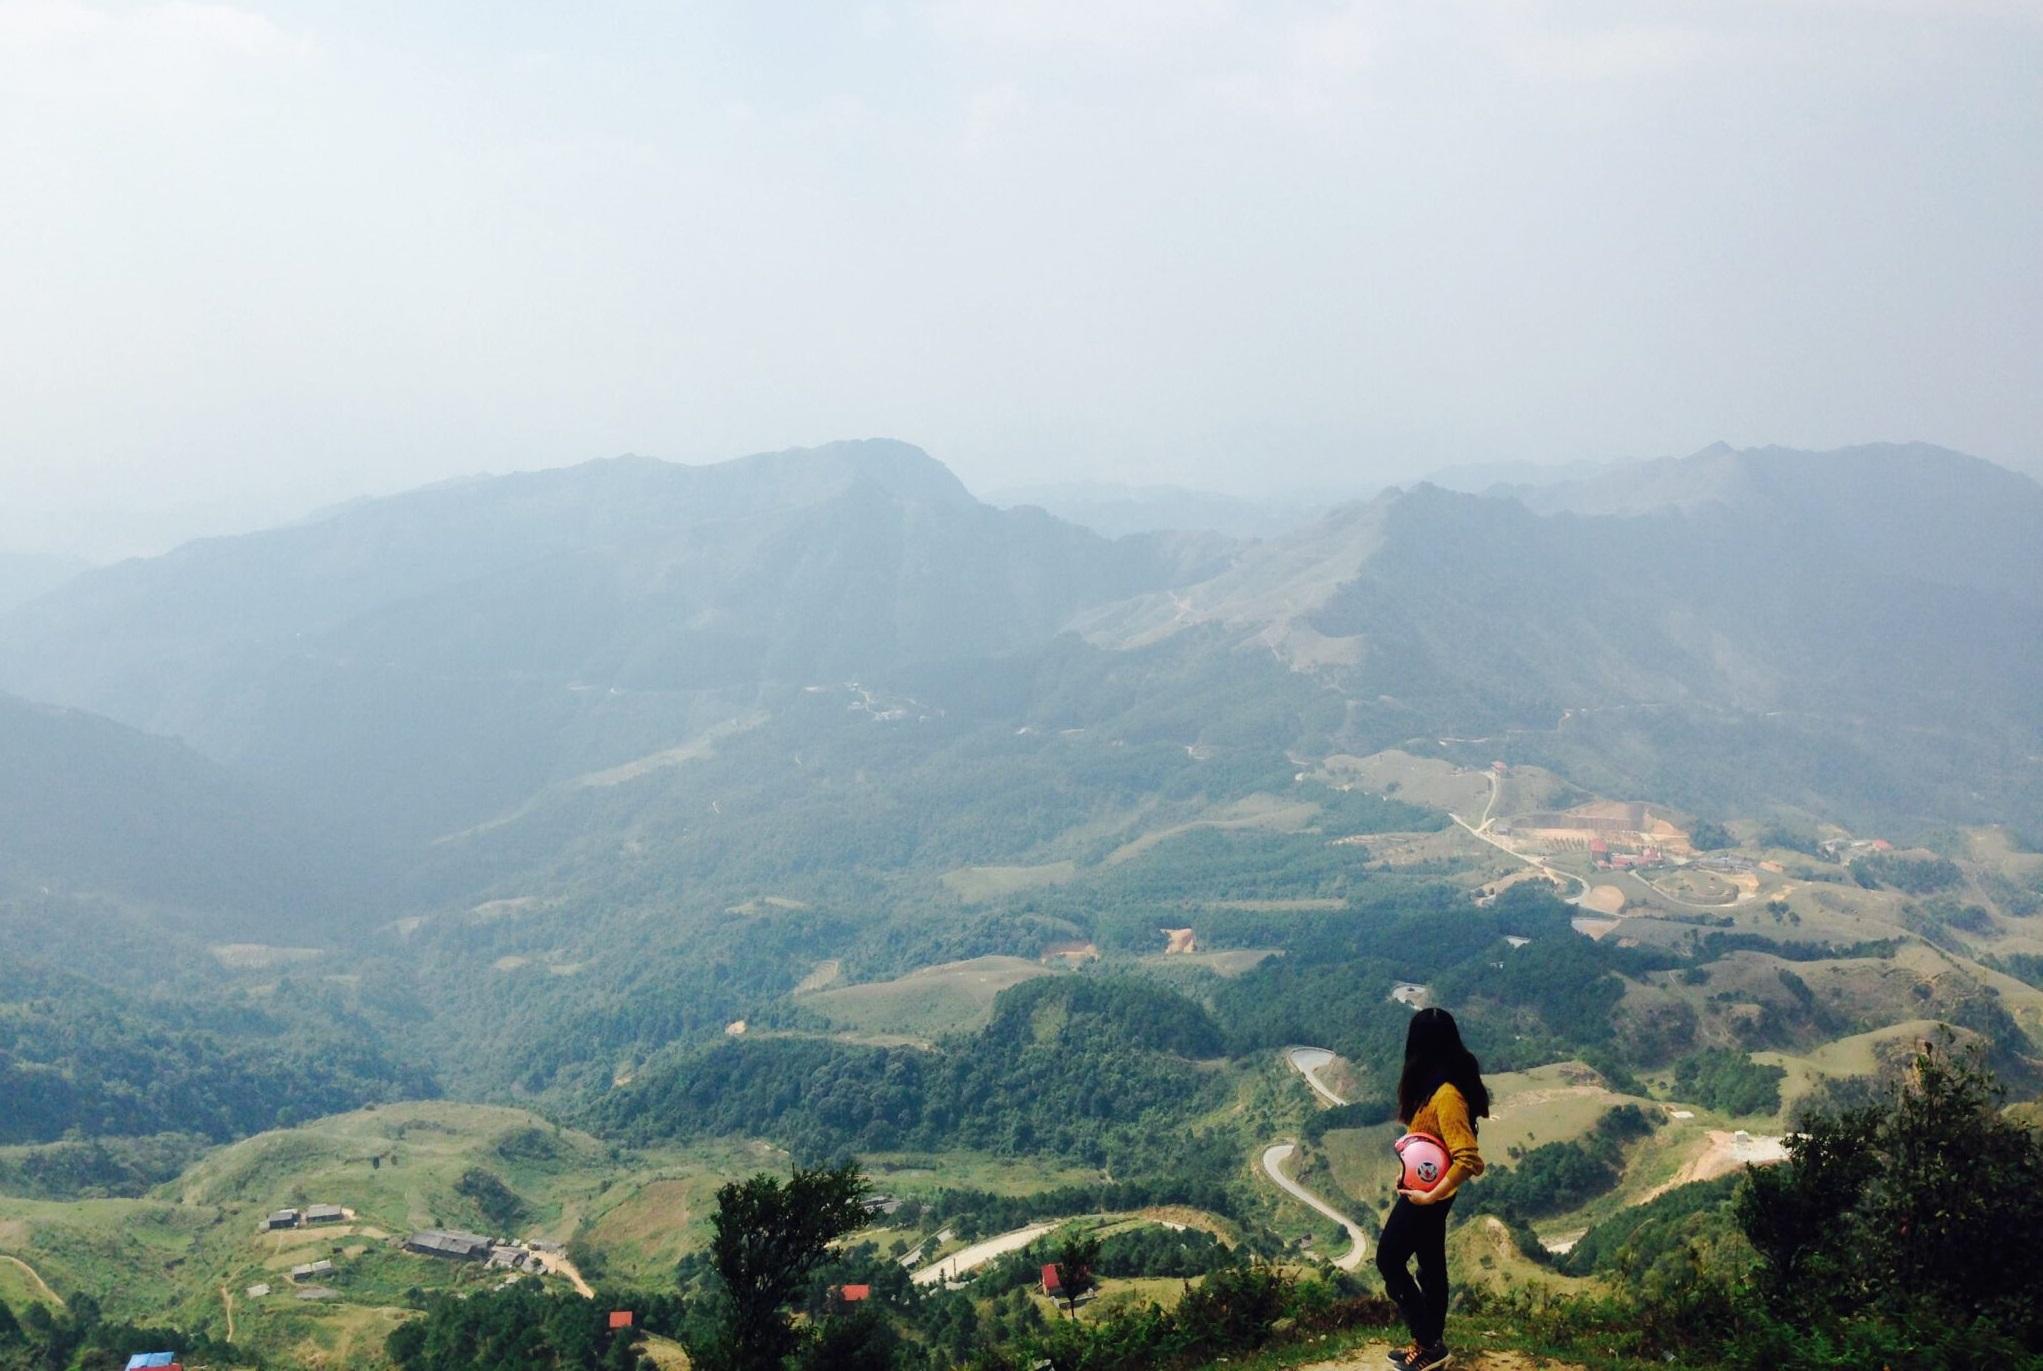 Đừng quên ghé thăm các bản làng khi du lịch Mẫu Sơn. Hình: Internet